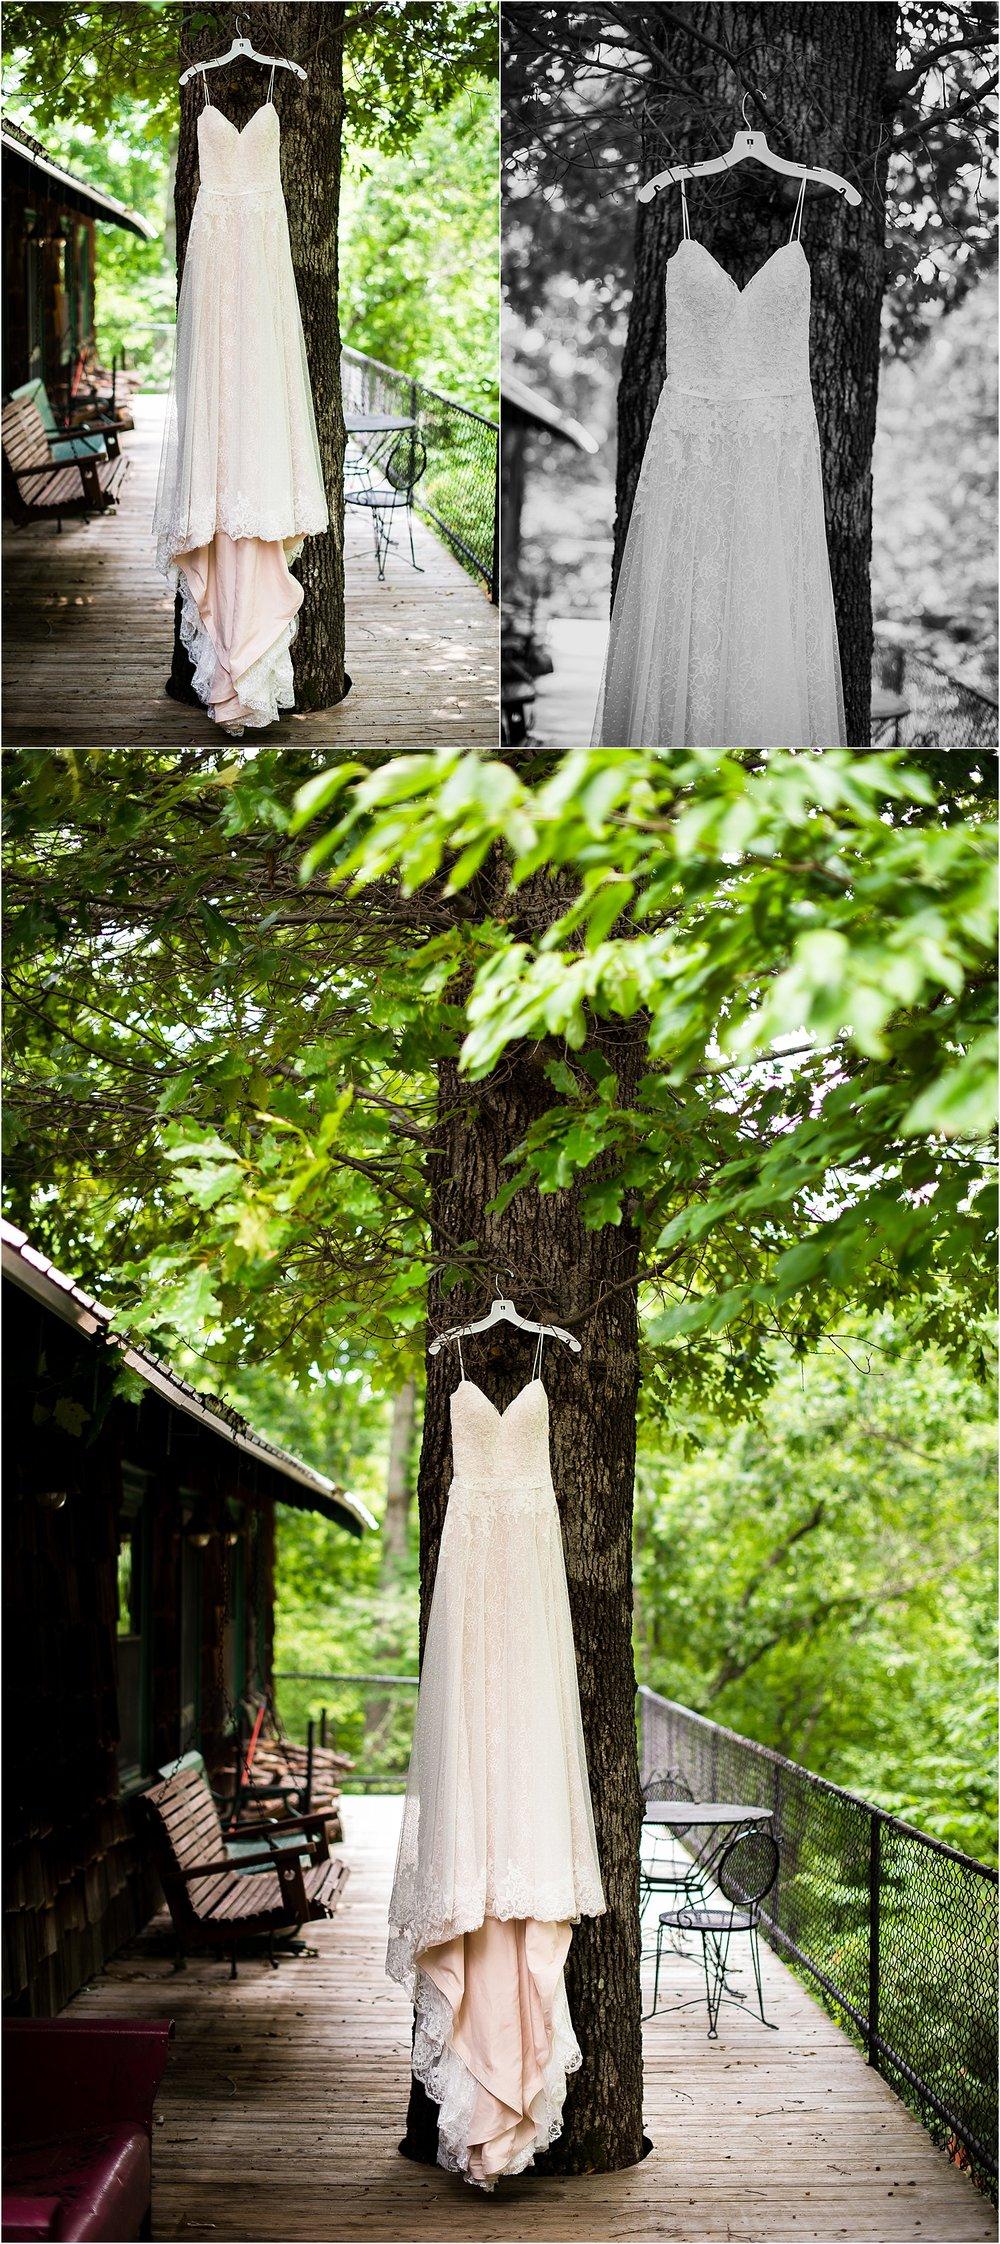 Ti-Adora-JLM-Couture-Dress-Blush-Bridal-lounge